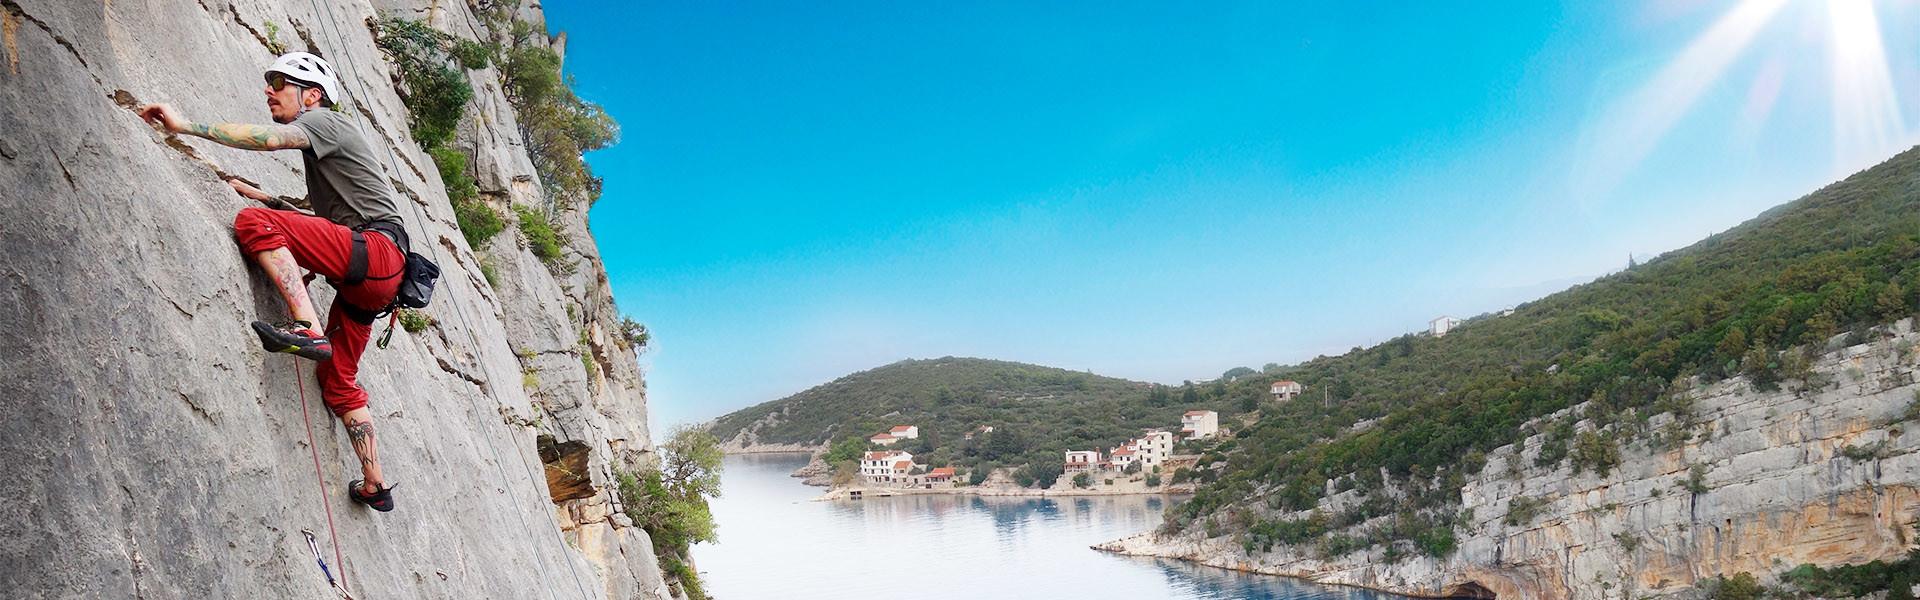 Klettern in Kroatien am Meer